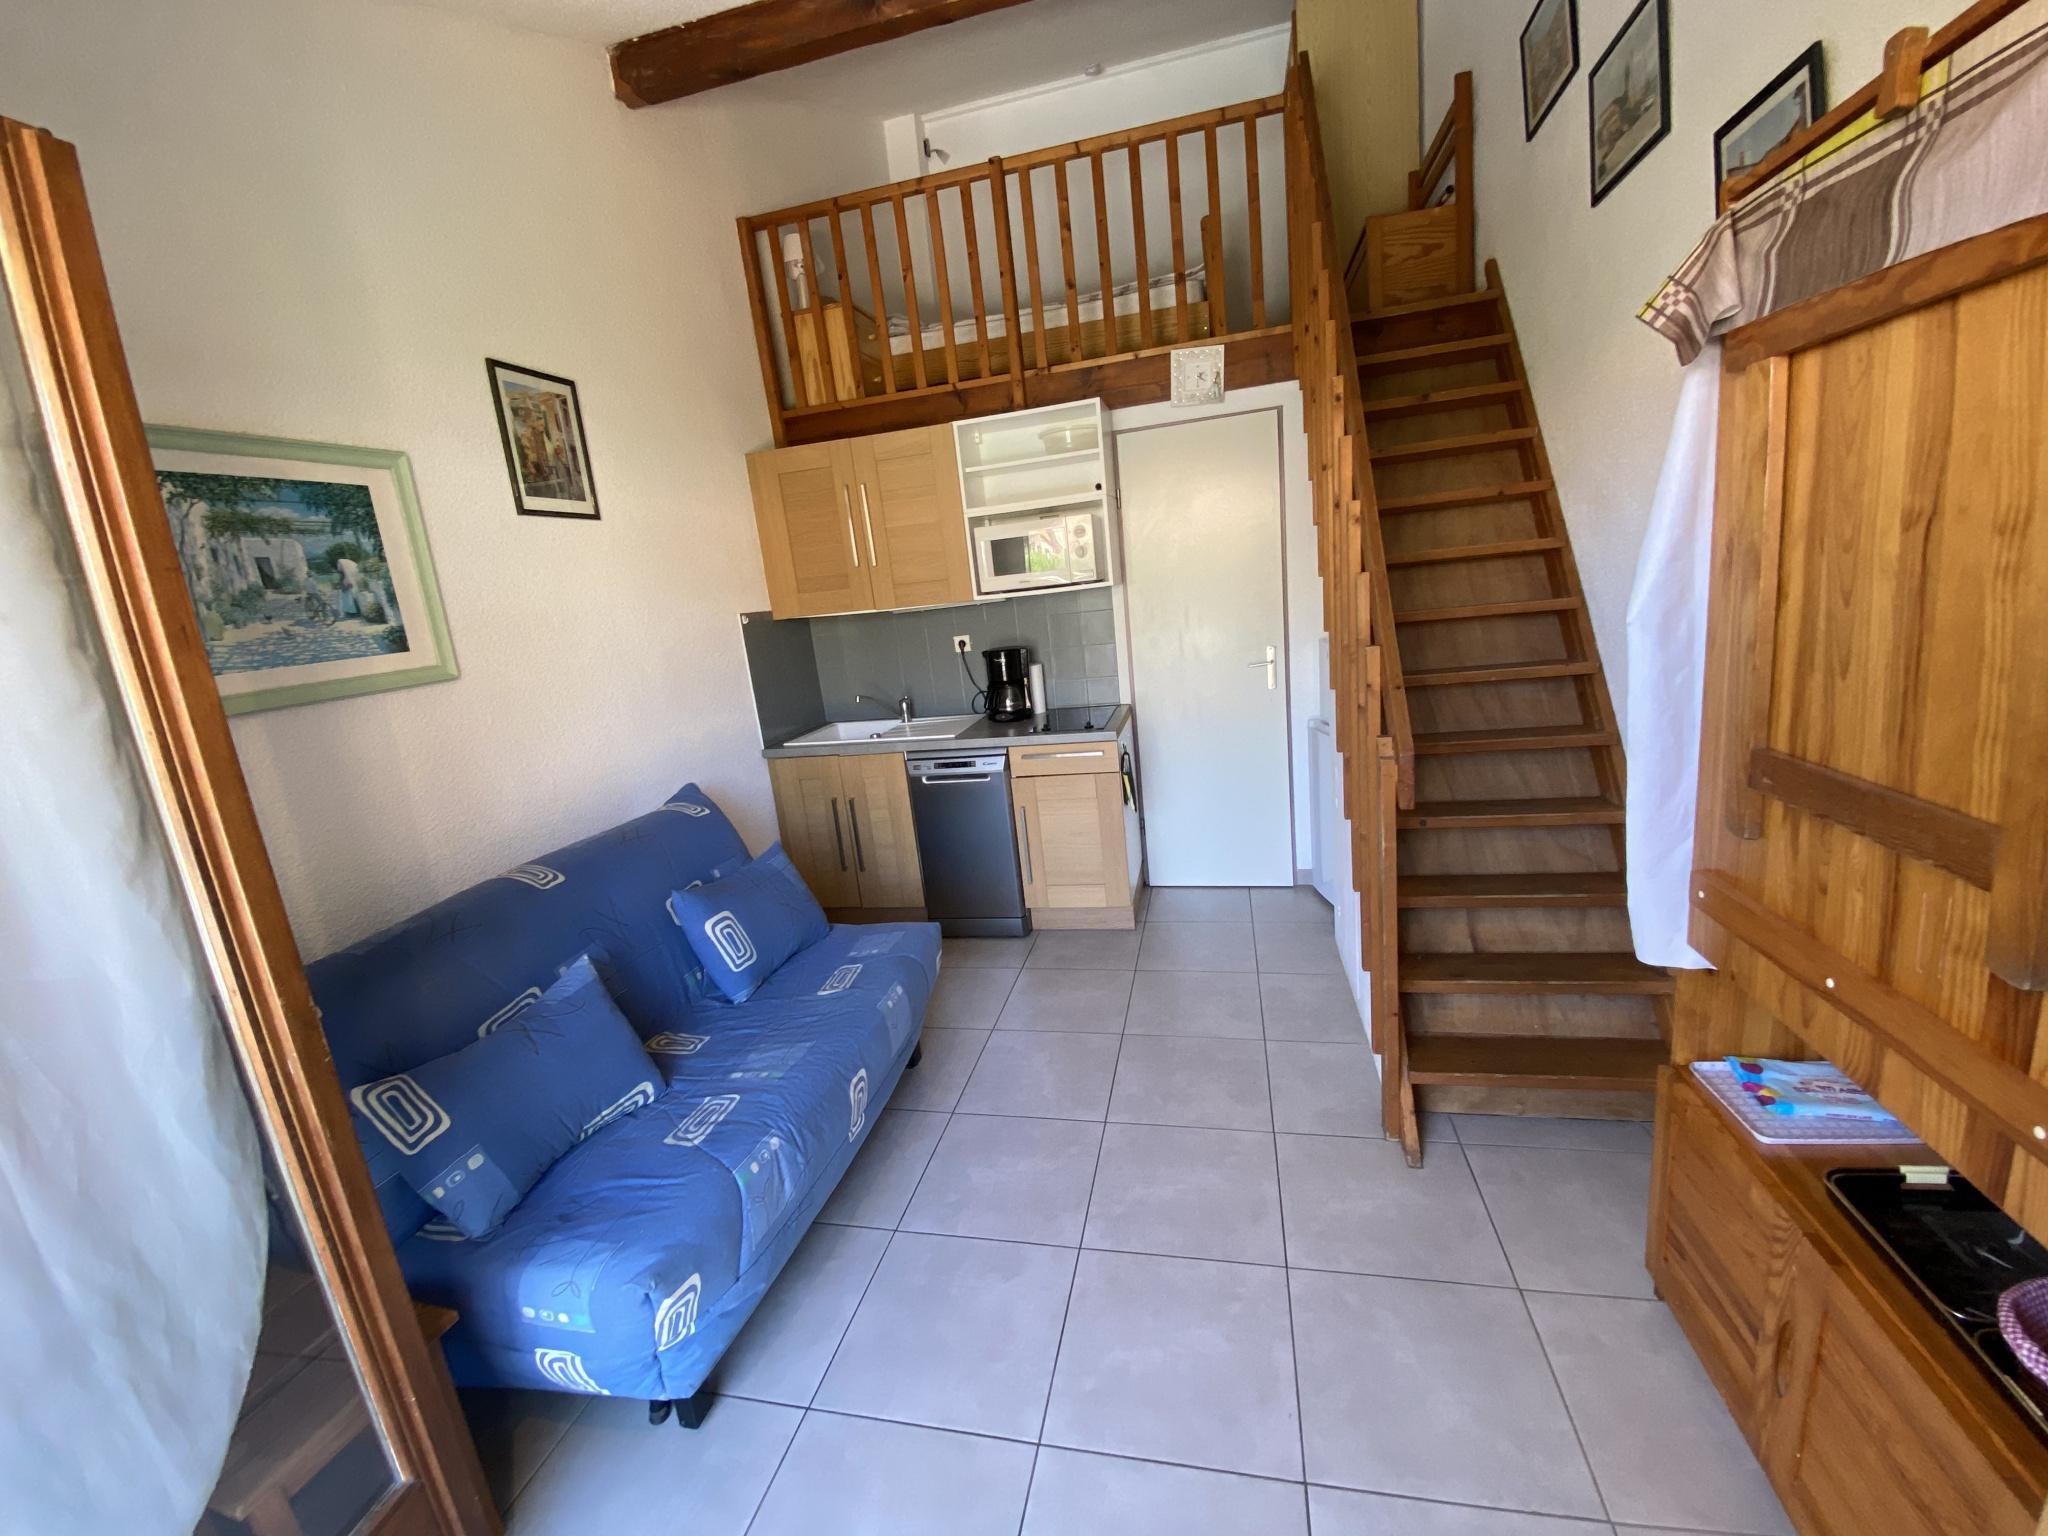 À vendre maison/villa de 25m2 à argeles sur mer (66700) - Photo 2'